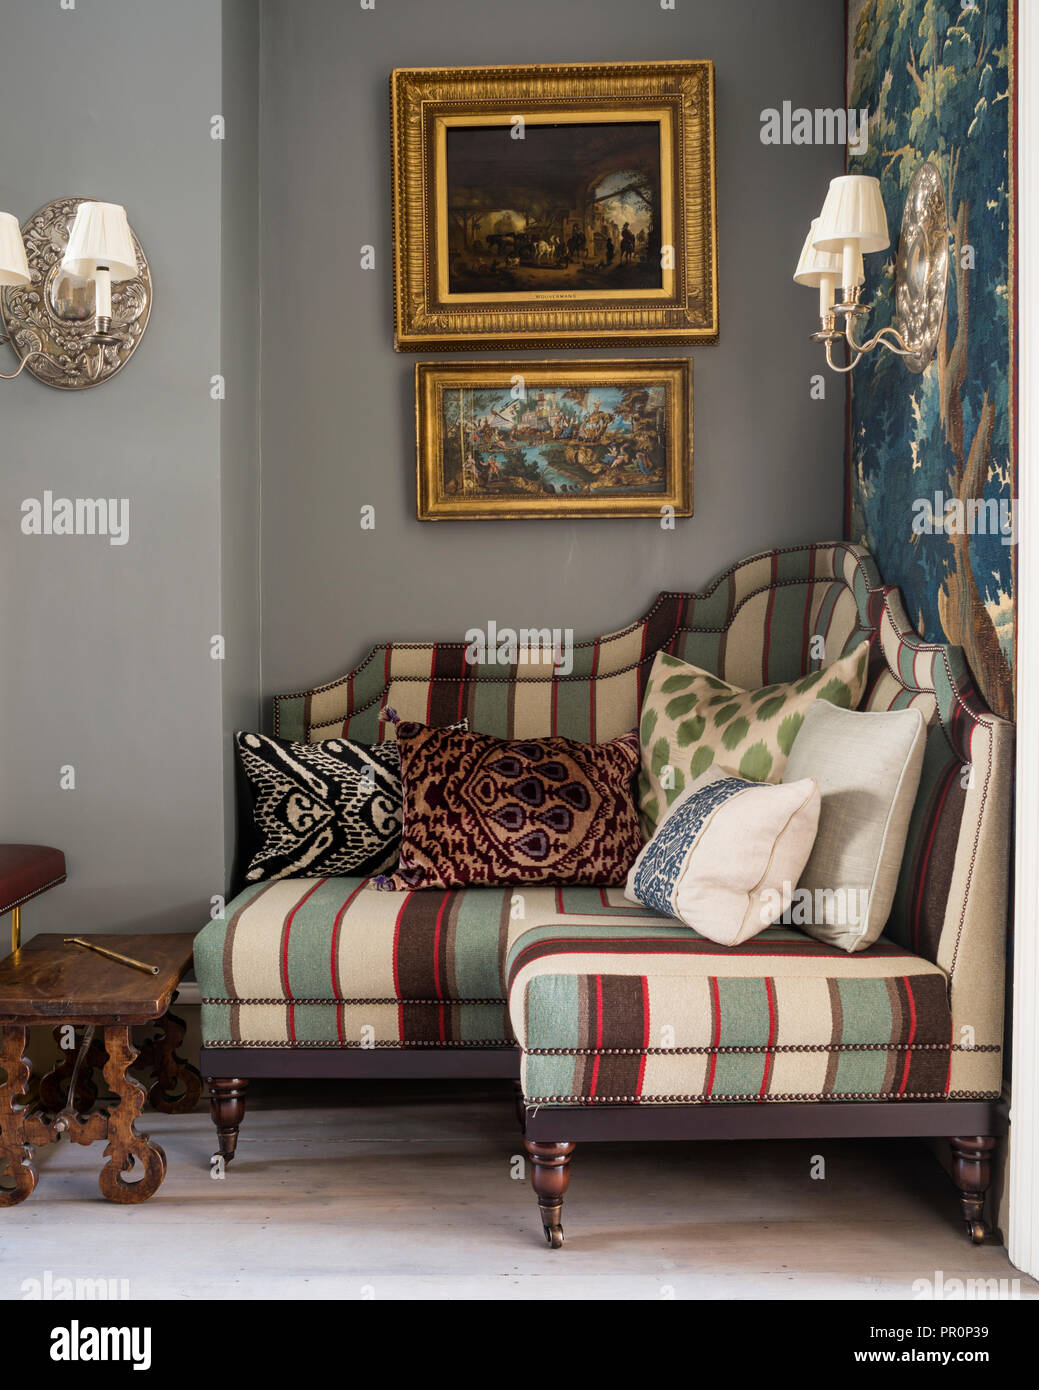 Les illustrations encadrées avec cadre doré 19e siècle tapisserie de verdure et Panneaux capitonnés banquette avec Andrew Martin stripe Photo Stock